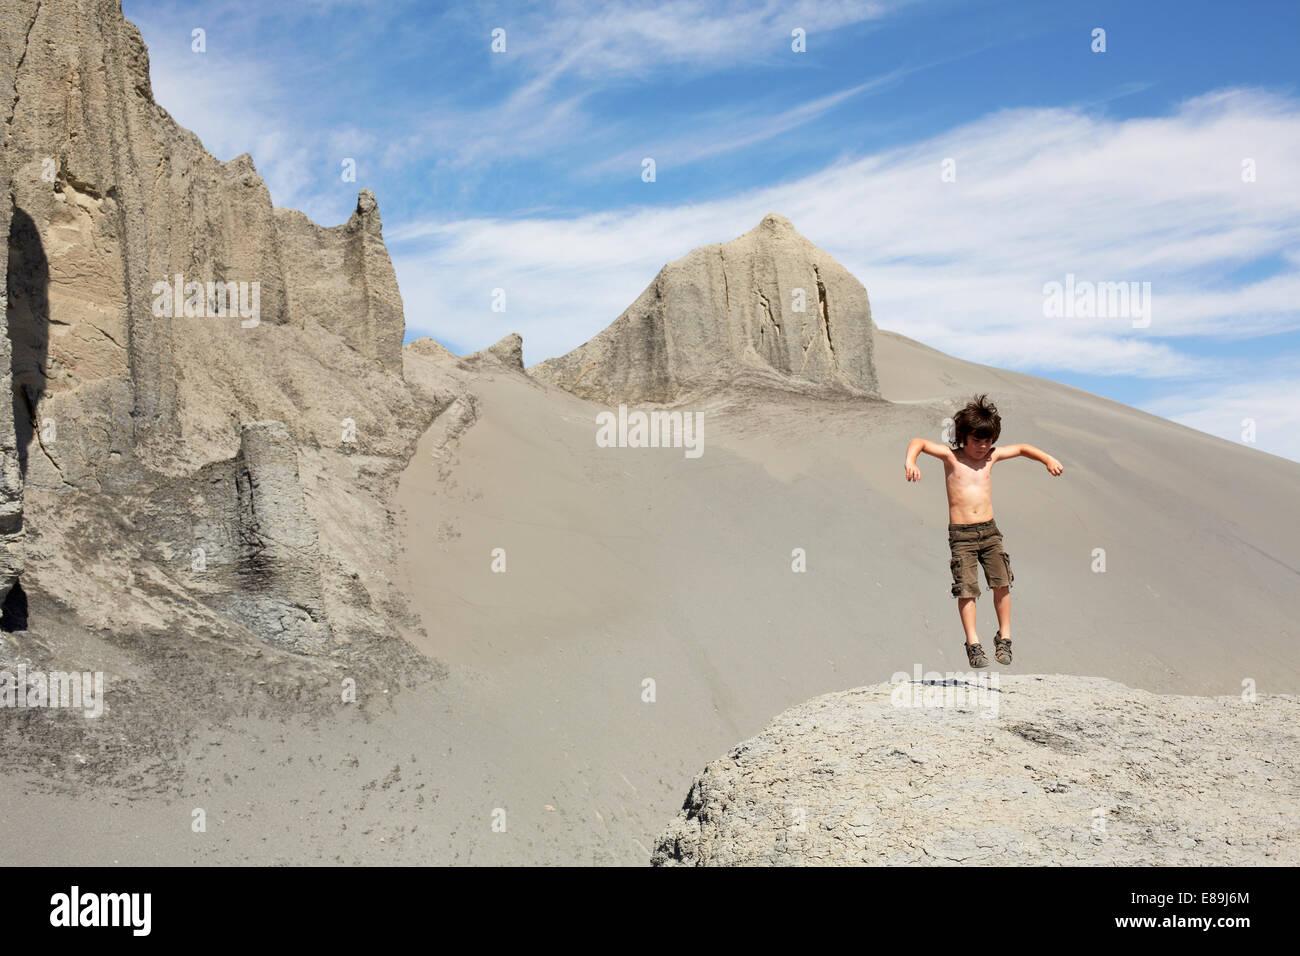 Ragazzo saltando sulle dune di sabbia Immagini Stock